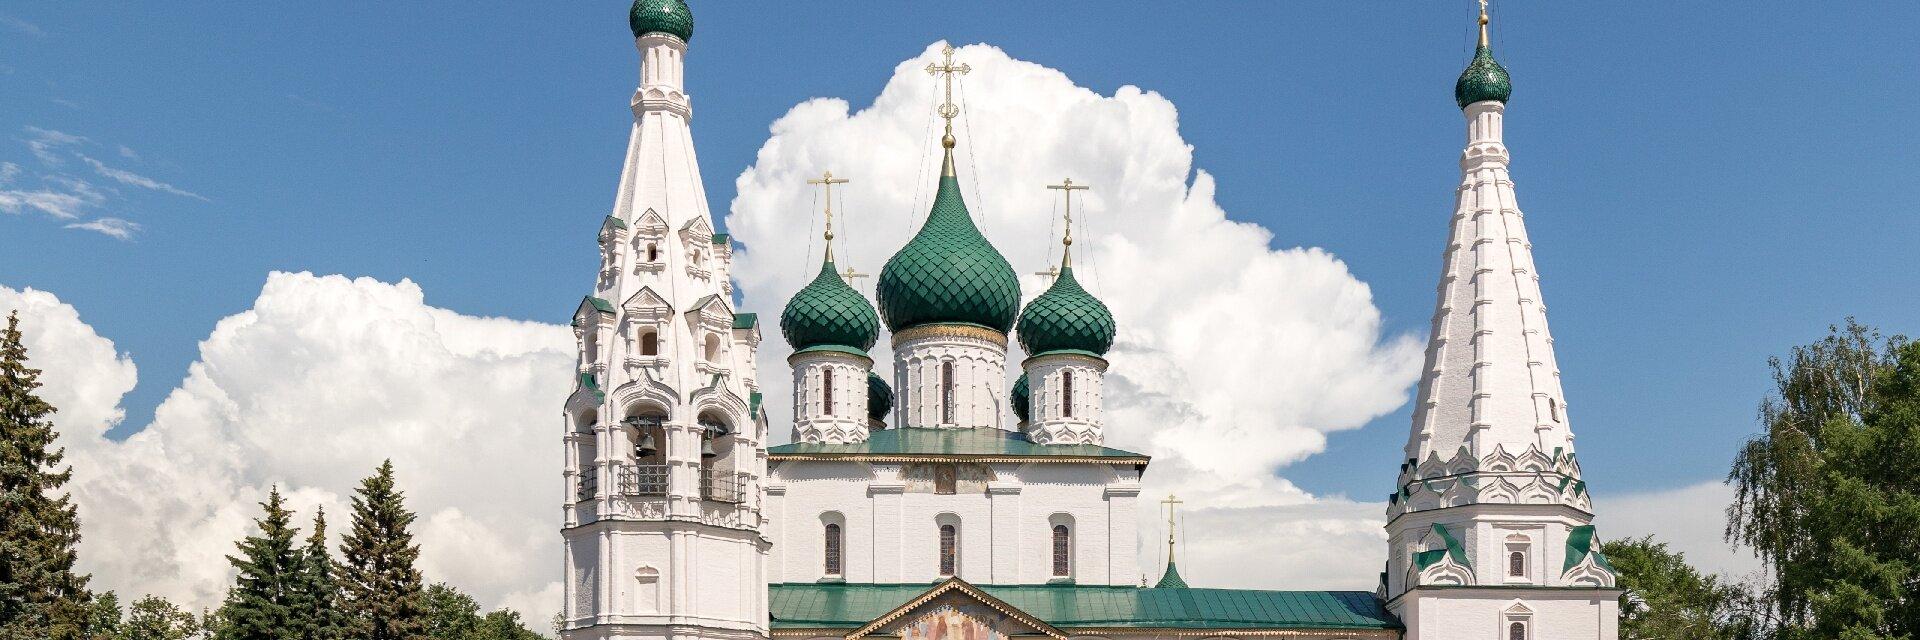 Поиск отелей в Ярославле